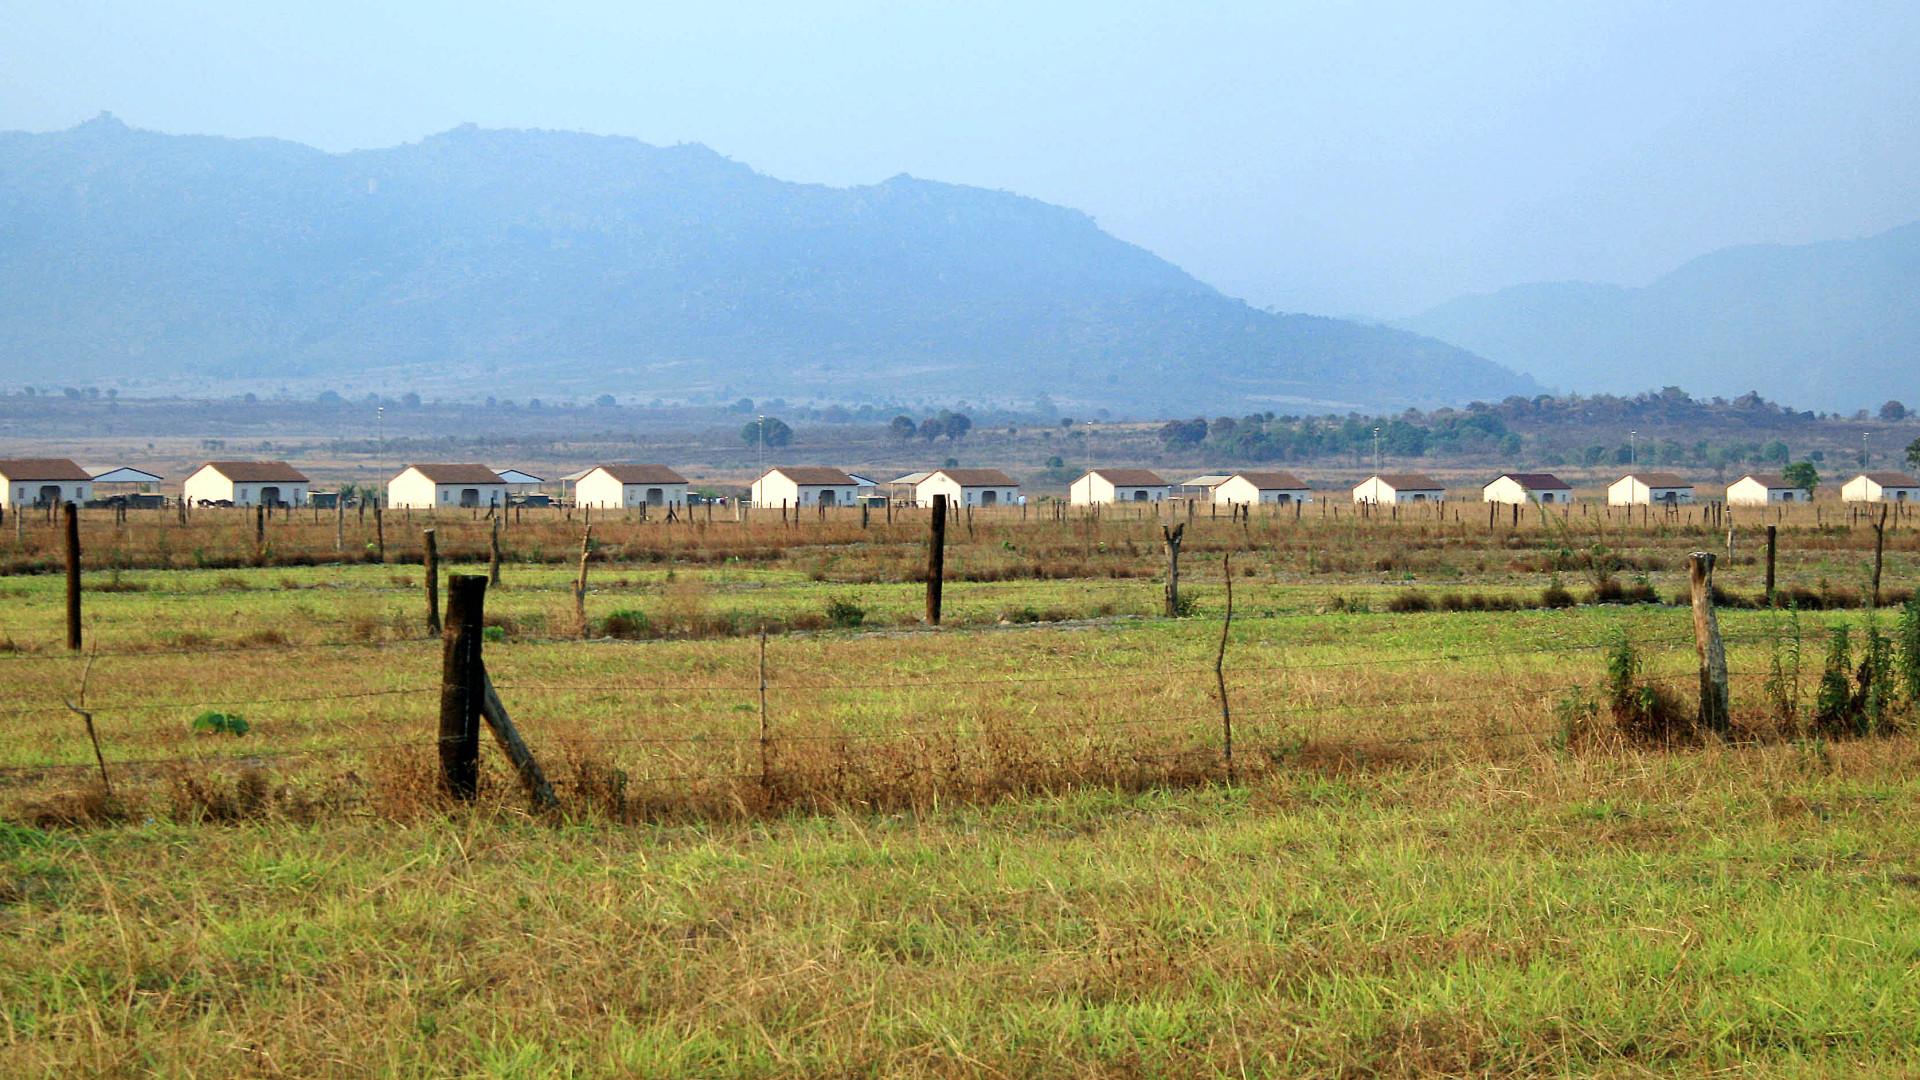 Angola precisa de cinco milhões de toneladas de cereais por ano